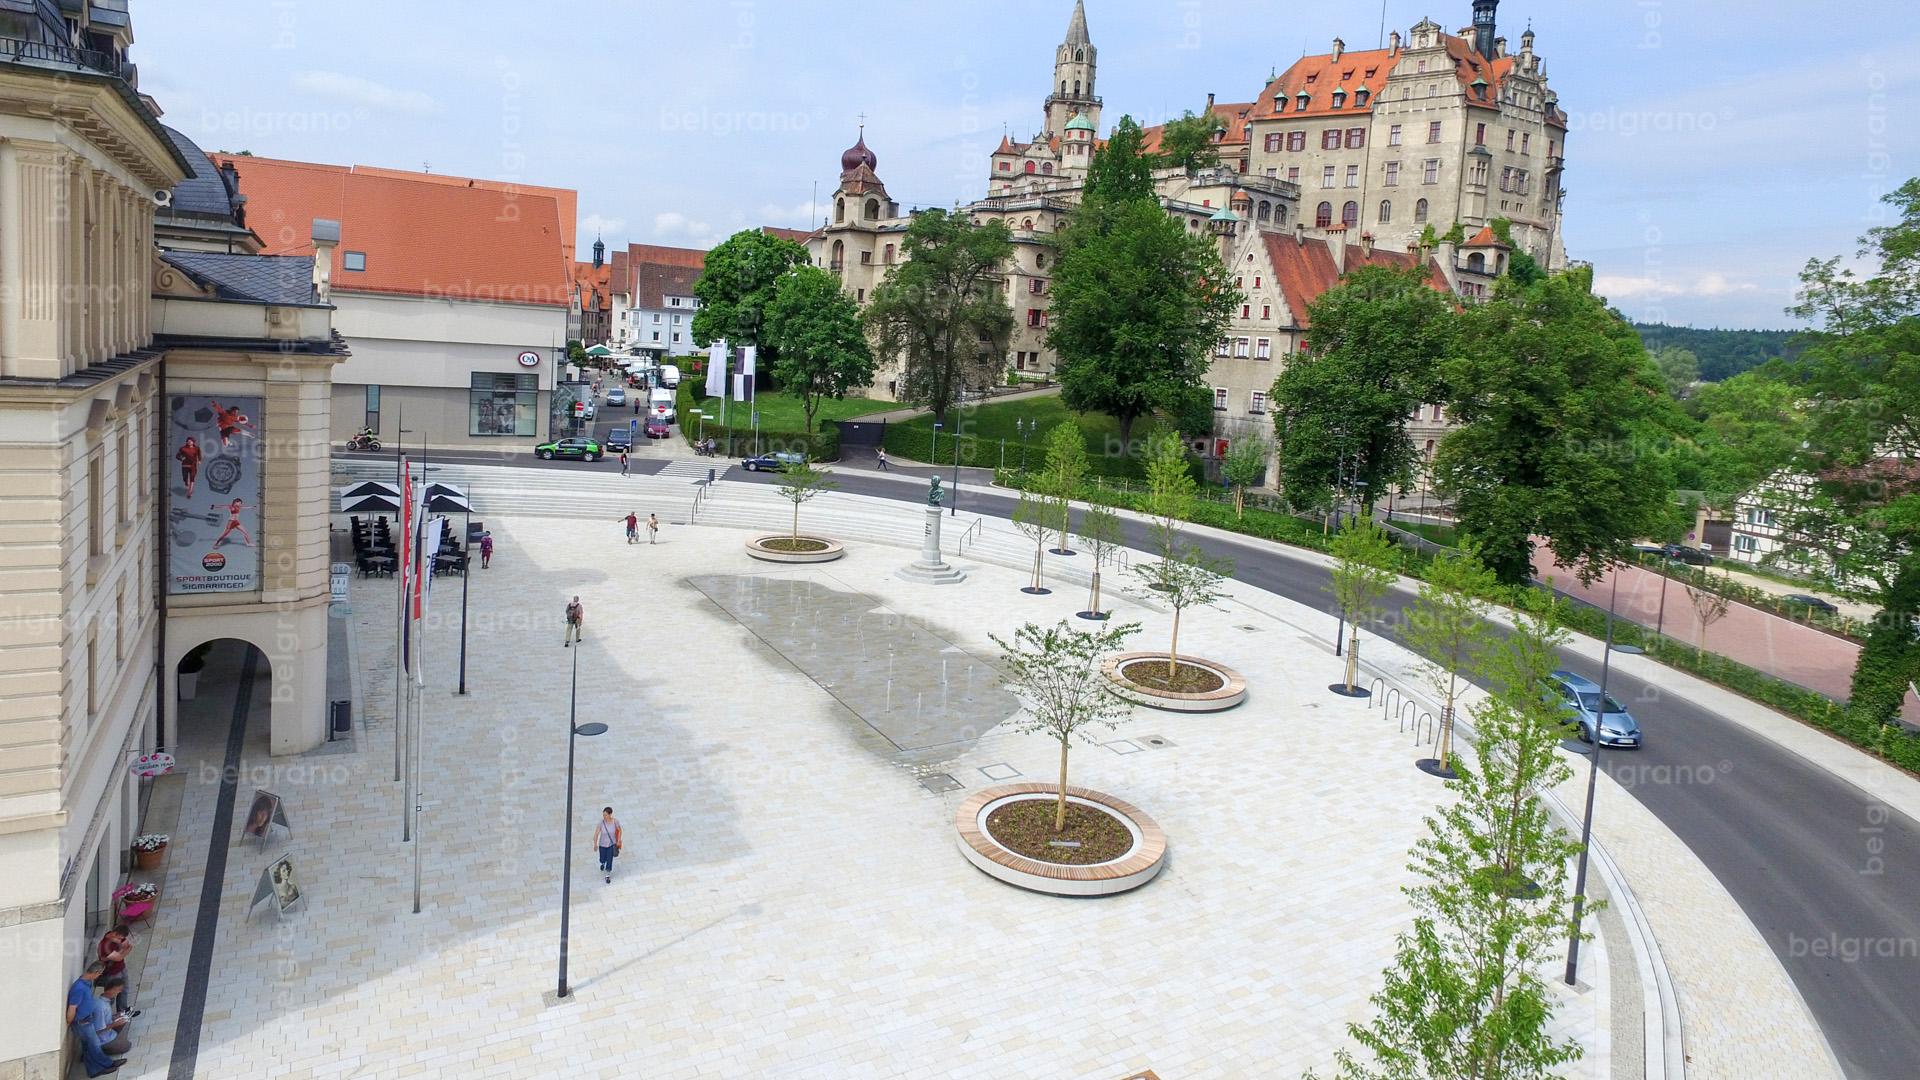 Sigmaringen Karlsplatz Luftbildaufnahme - belgrano® Naturstein Blockstufen, Bodenplatten, Wasserspiel, Sitzelemente und Natursteinpflaster aus Granit